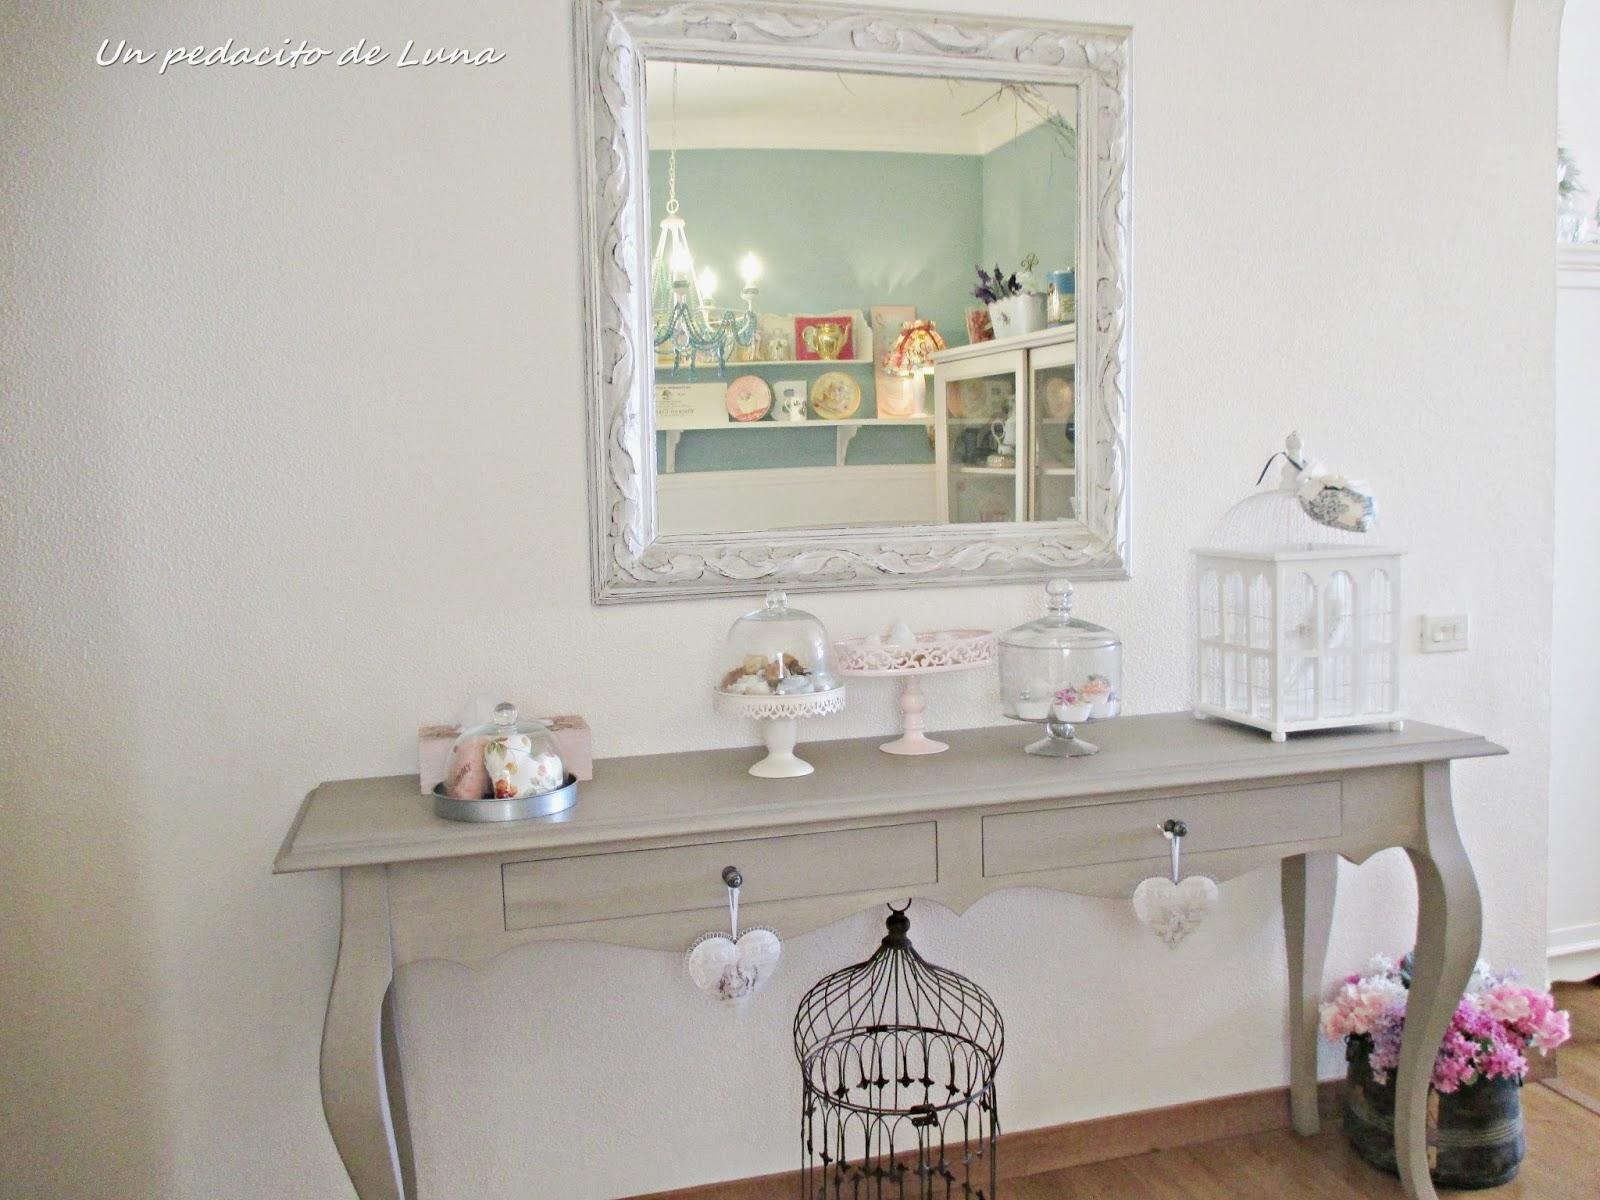 Un pedacito de luna el camino de mesa frustrado - Como colocar un espejo encima de un aparador ...